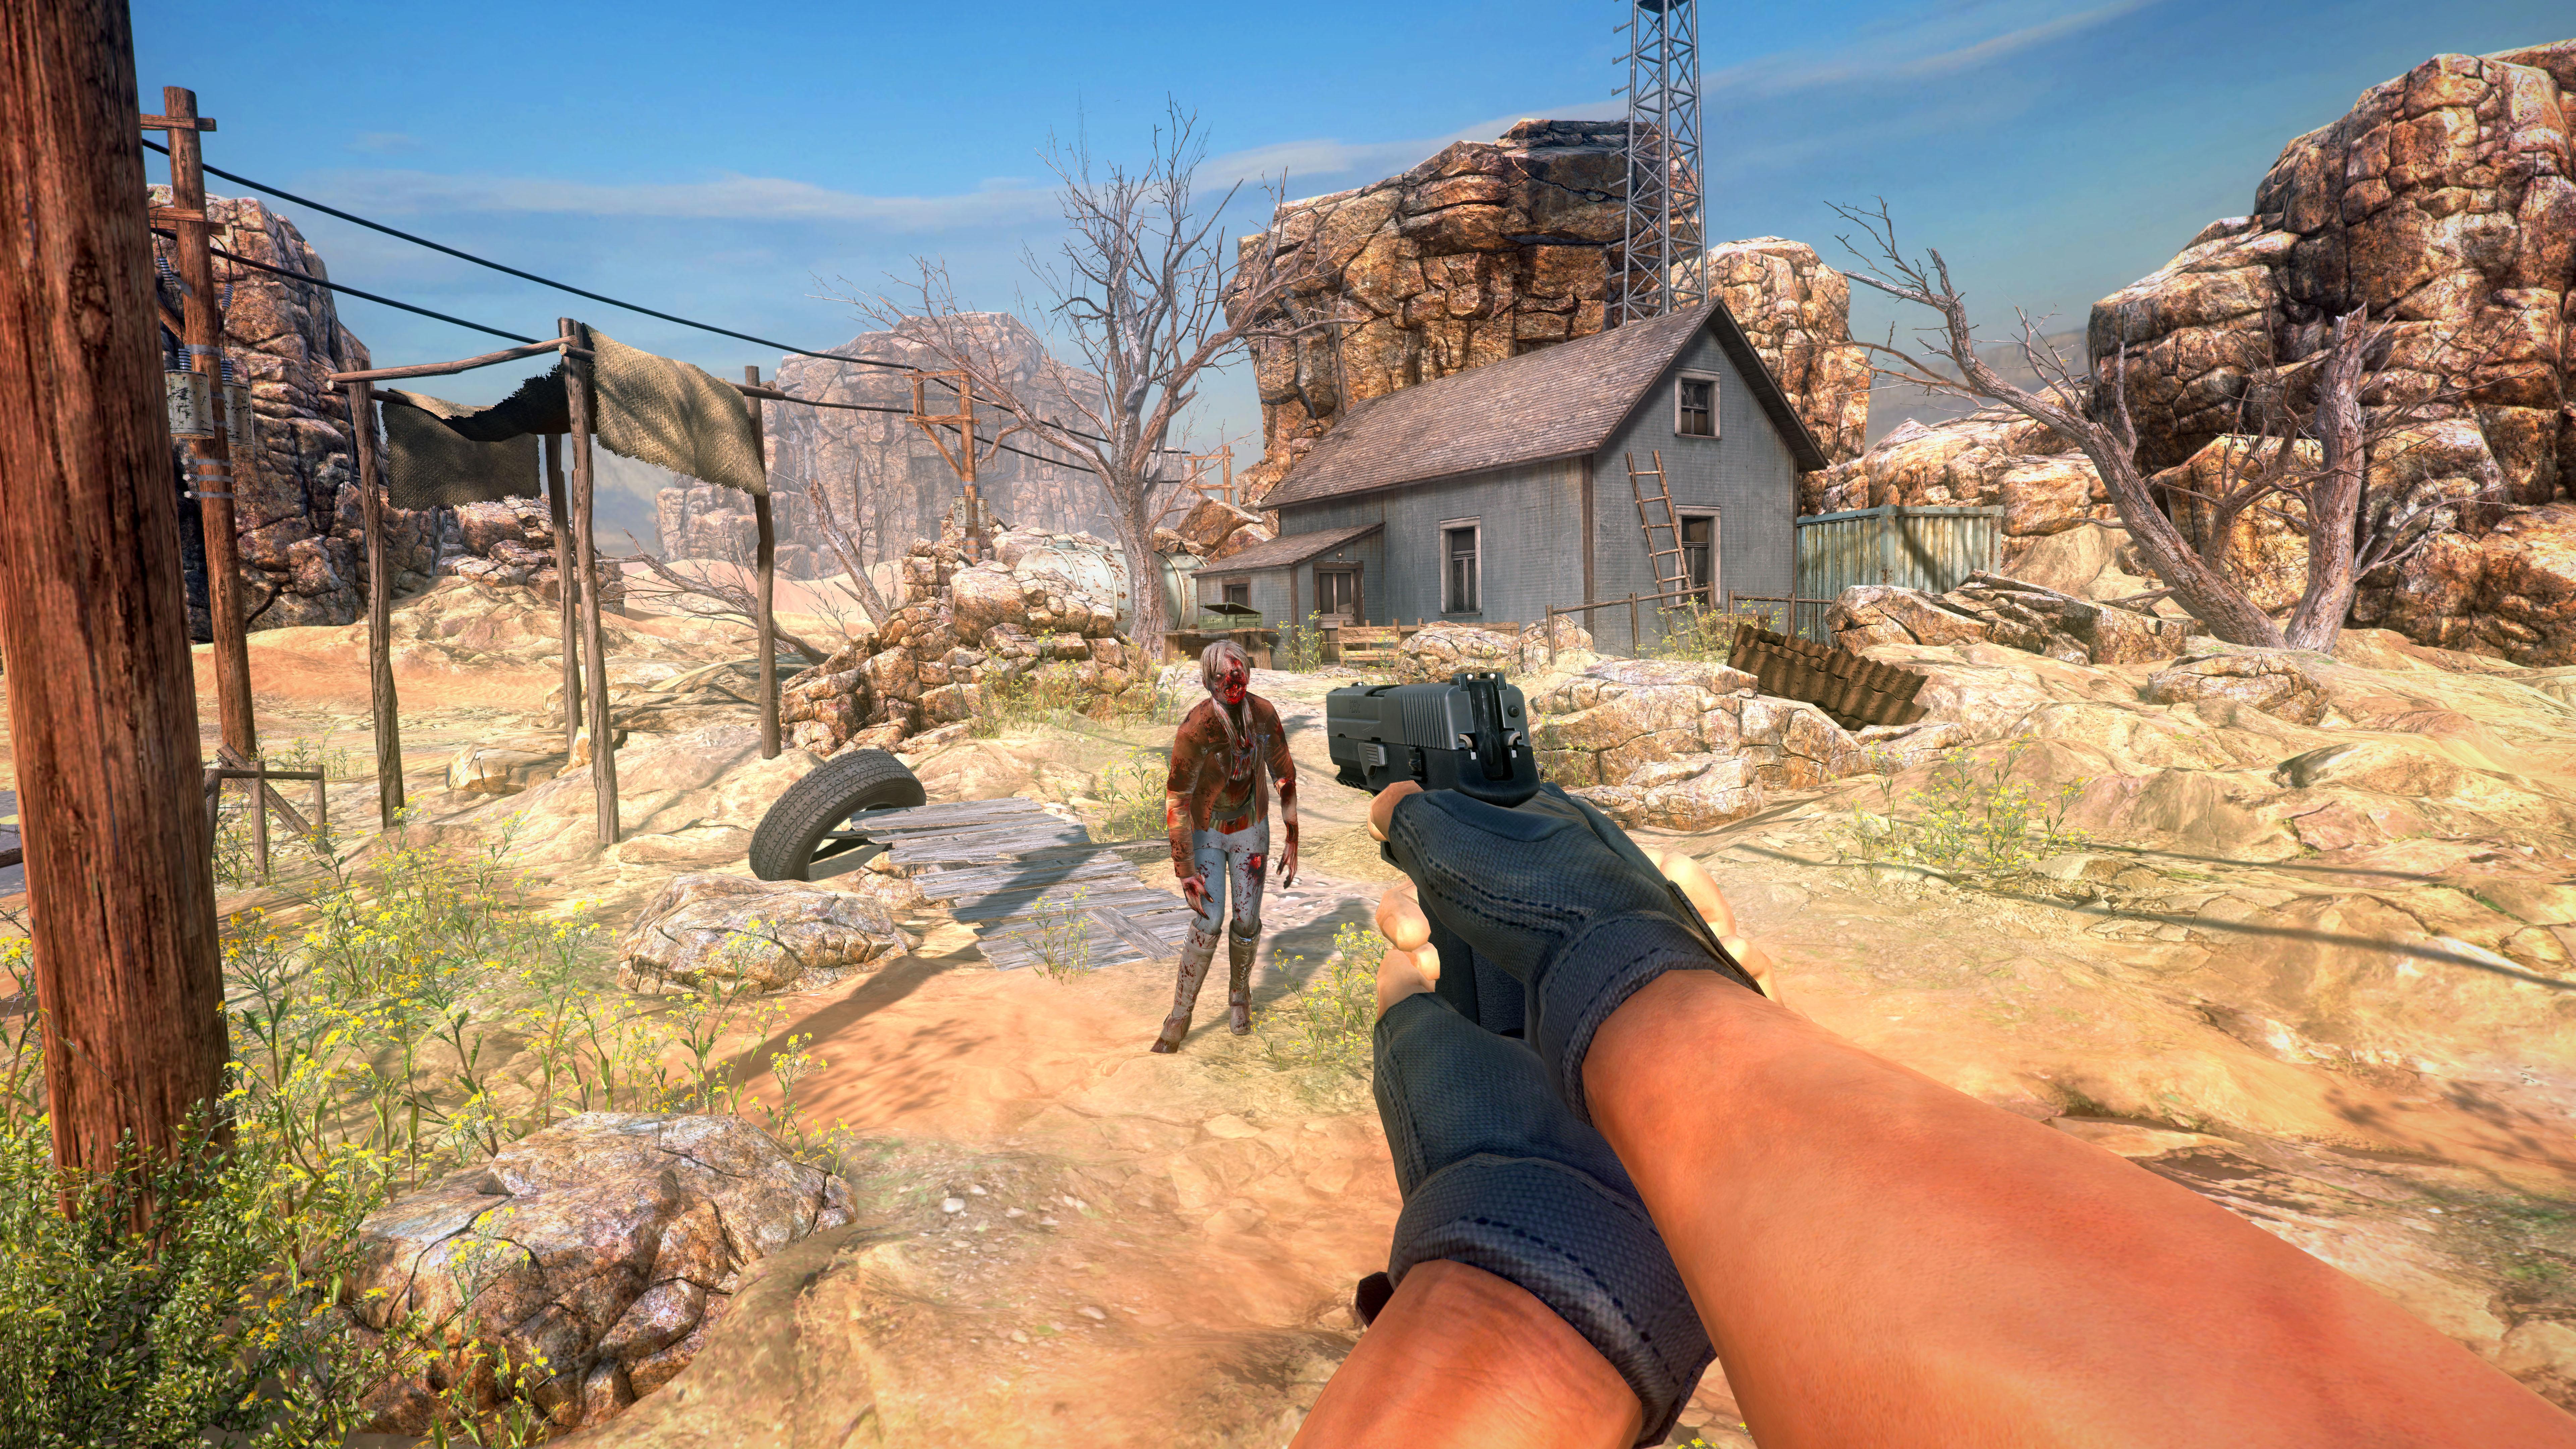 pistolet pointé sur un zombie, paysage désertique, maison isolée